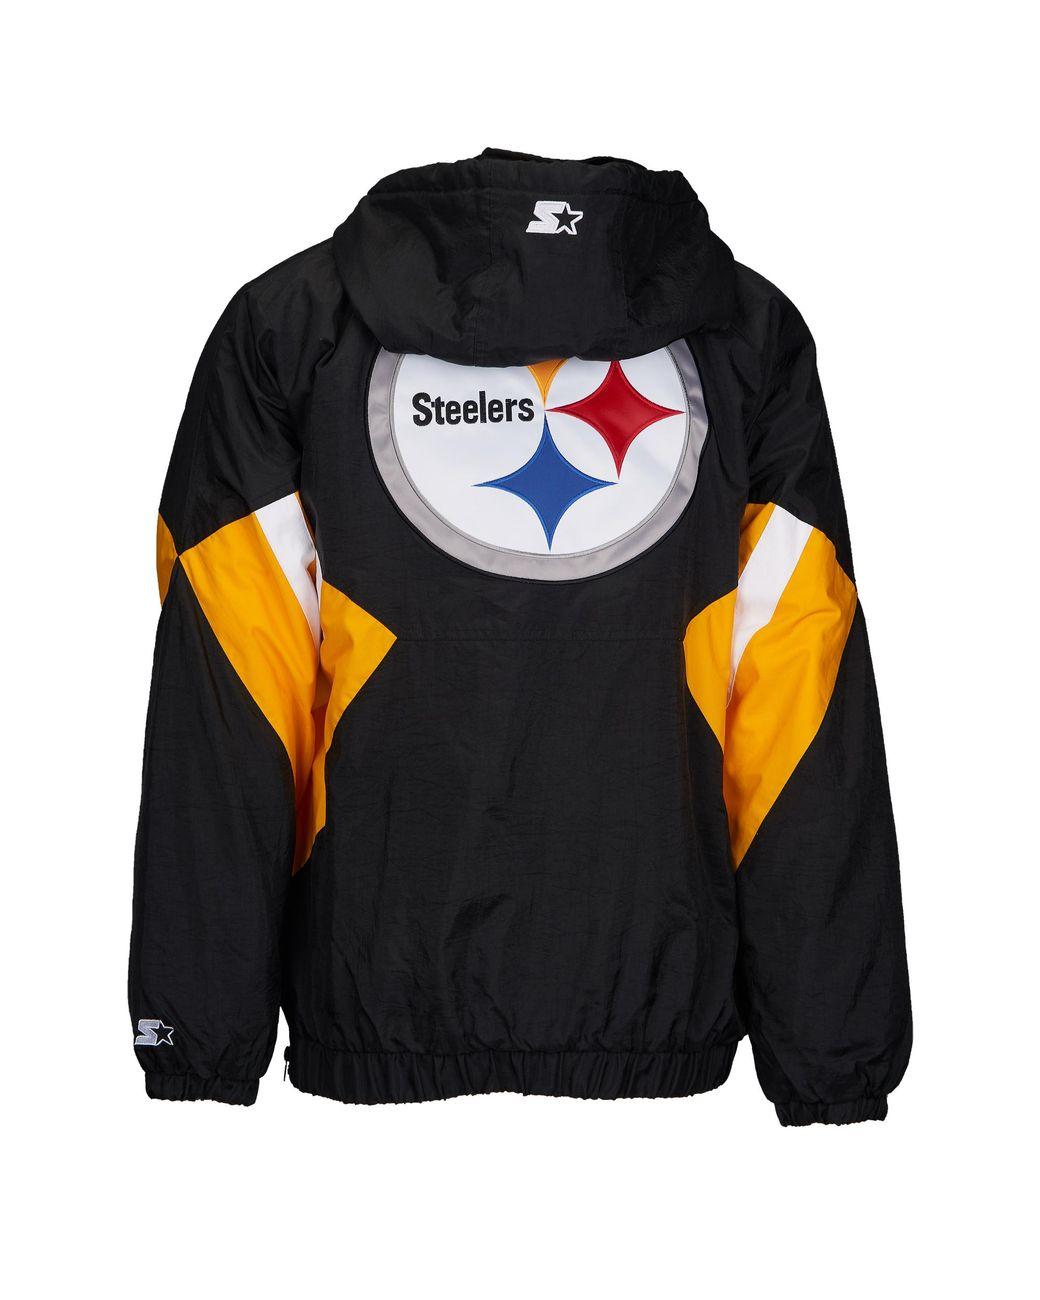 promo code 6af8a 512b5 Starter Black Pittsburgh Steelers Nfl 1/2 Zip Hooded Pullover Jacket for men